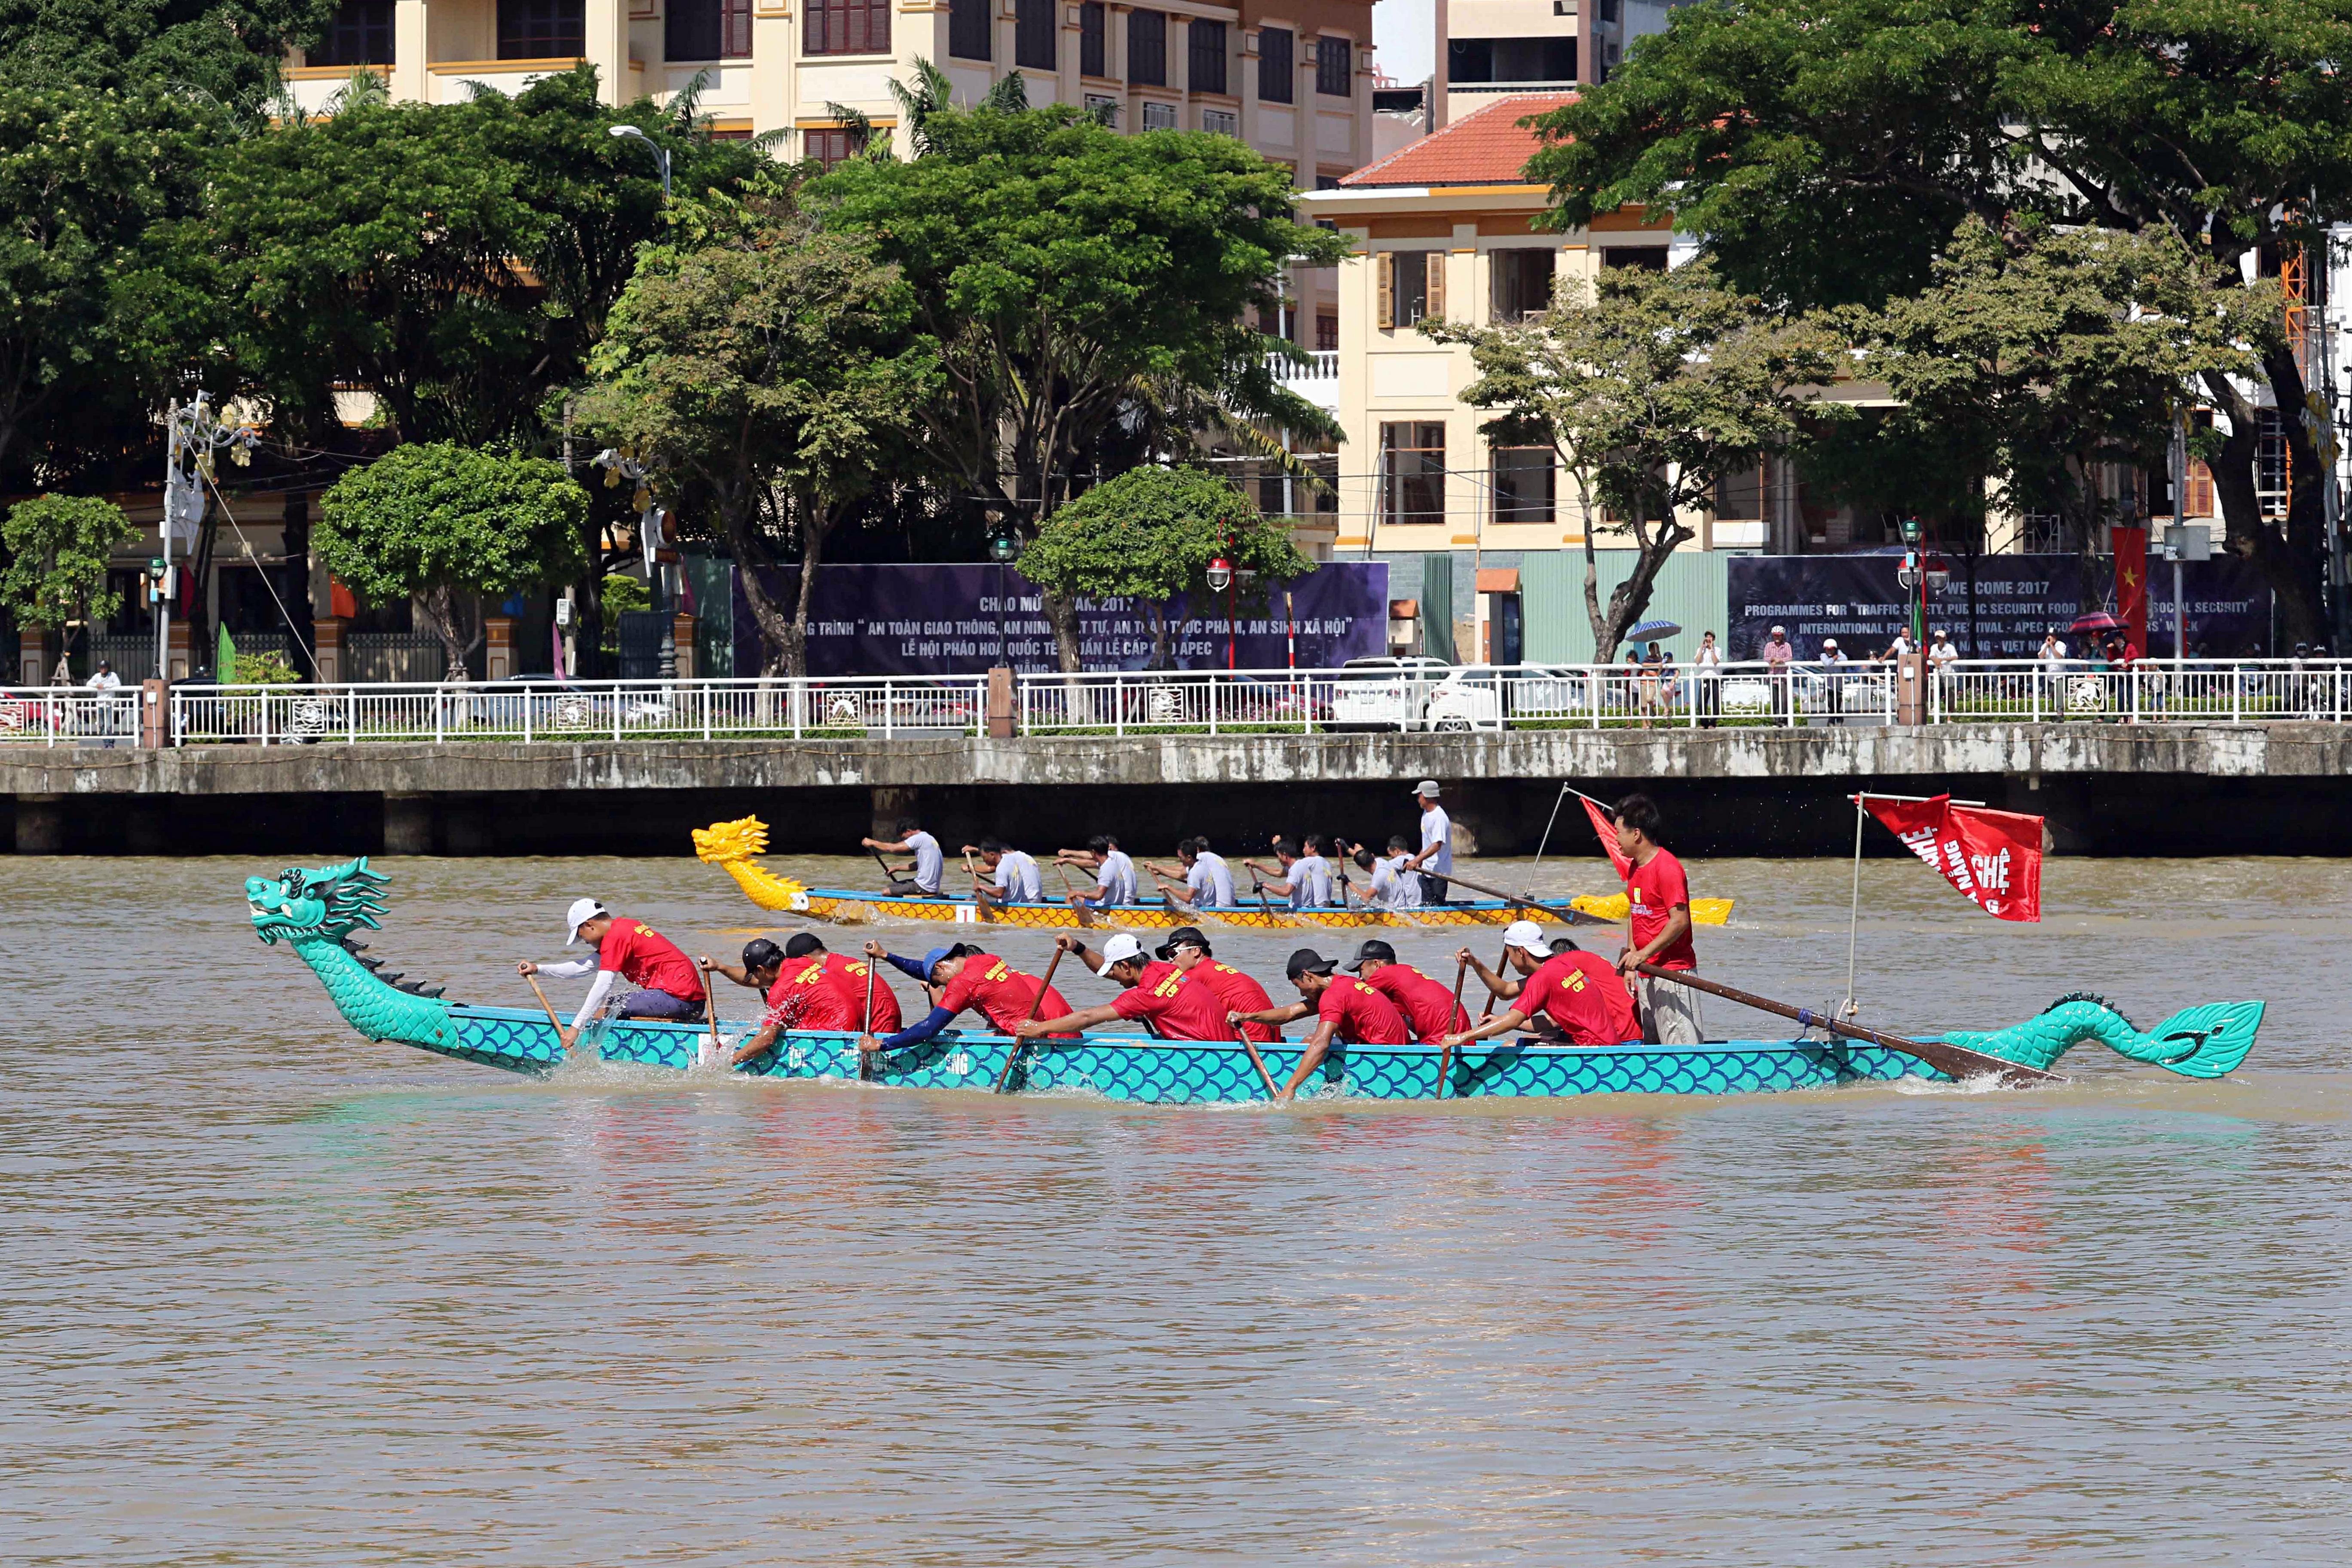 Hàng nghìn người Đà Nẵng đội nắng đổ ra sông Hàn xem đua thuyền ngày 2/9 - Ảnh 2.